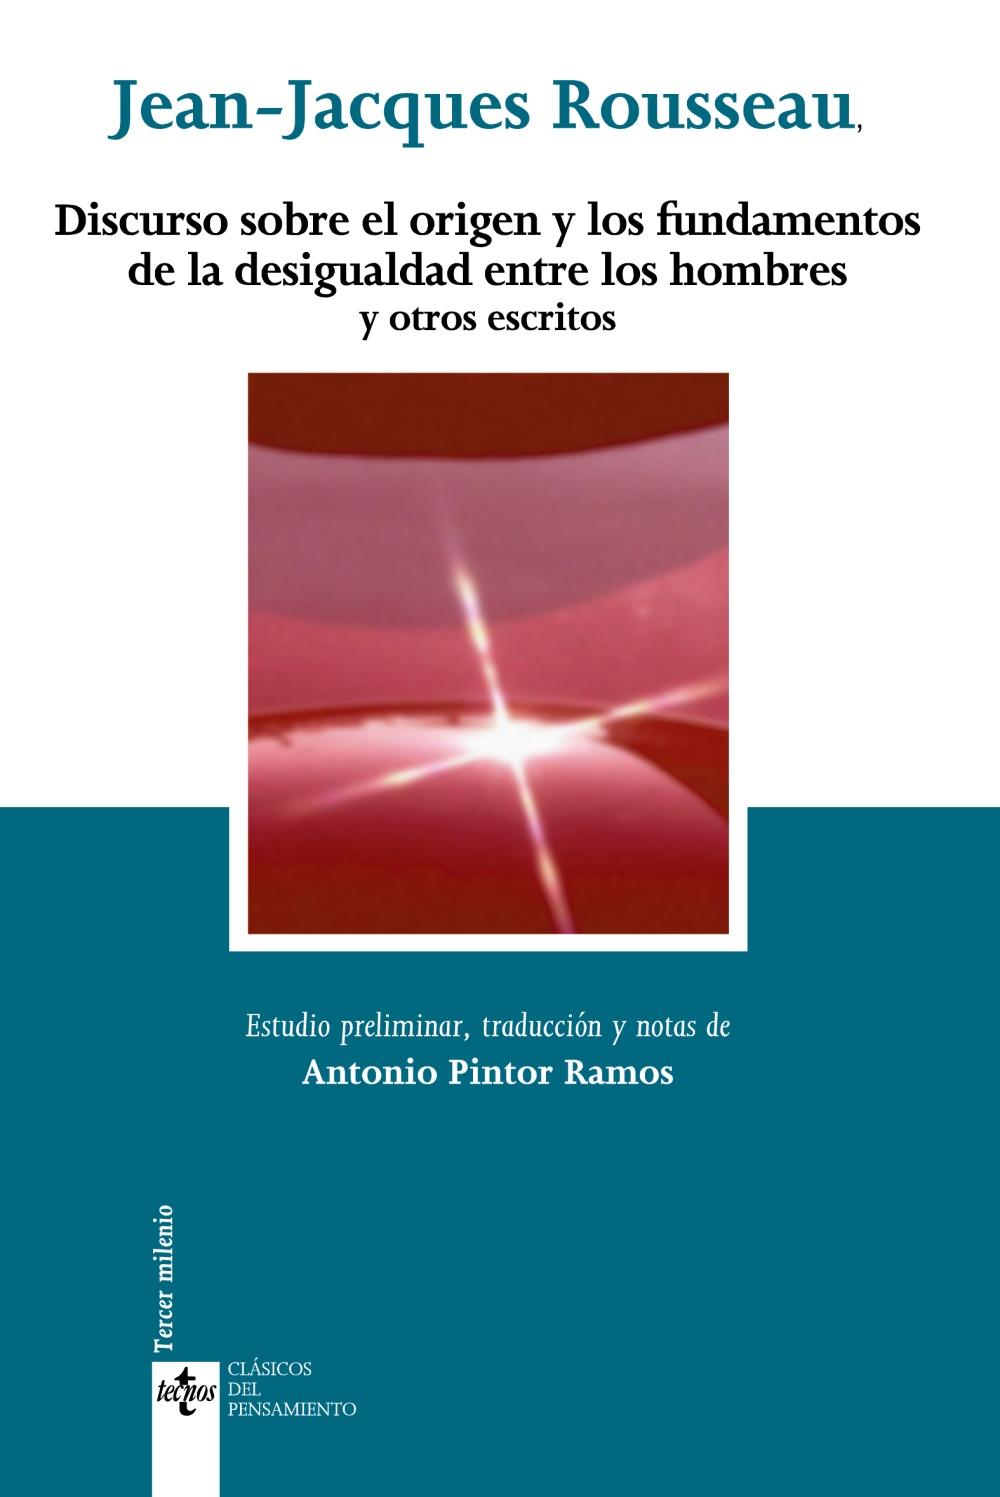 Discurso Sobre El Origen Y Los Fundamentos De La Desigualdad Entr E Los Hombres Y Otros Escritos (5ª Ed.) por Jean-jacques Rousseau